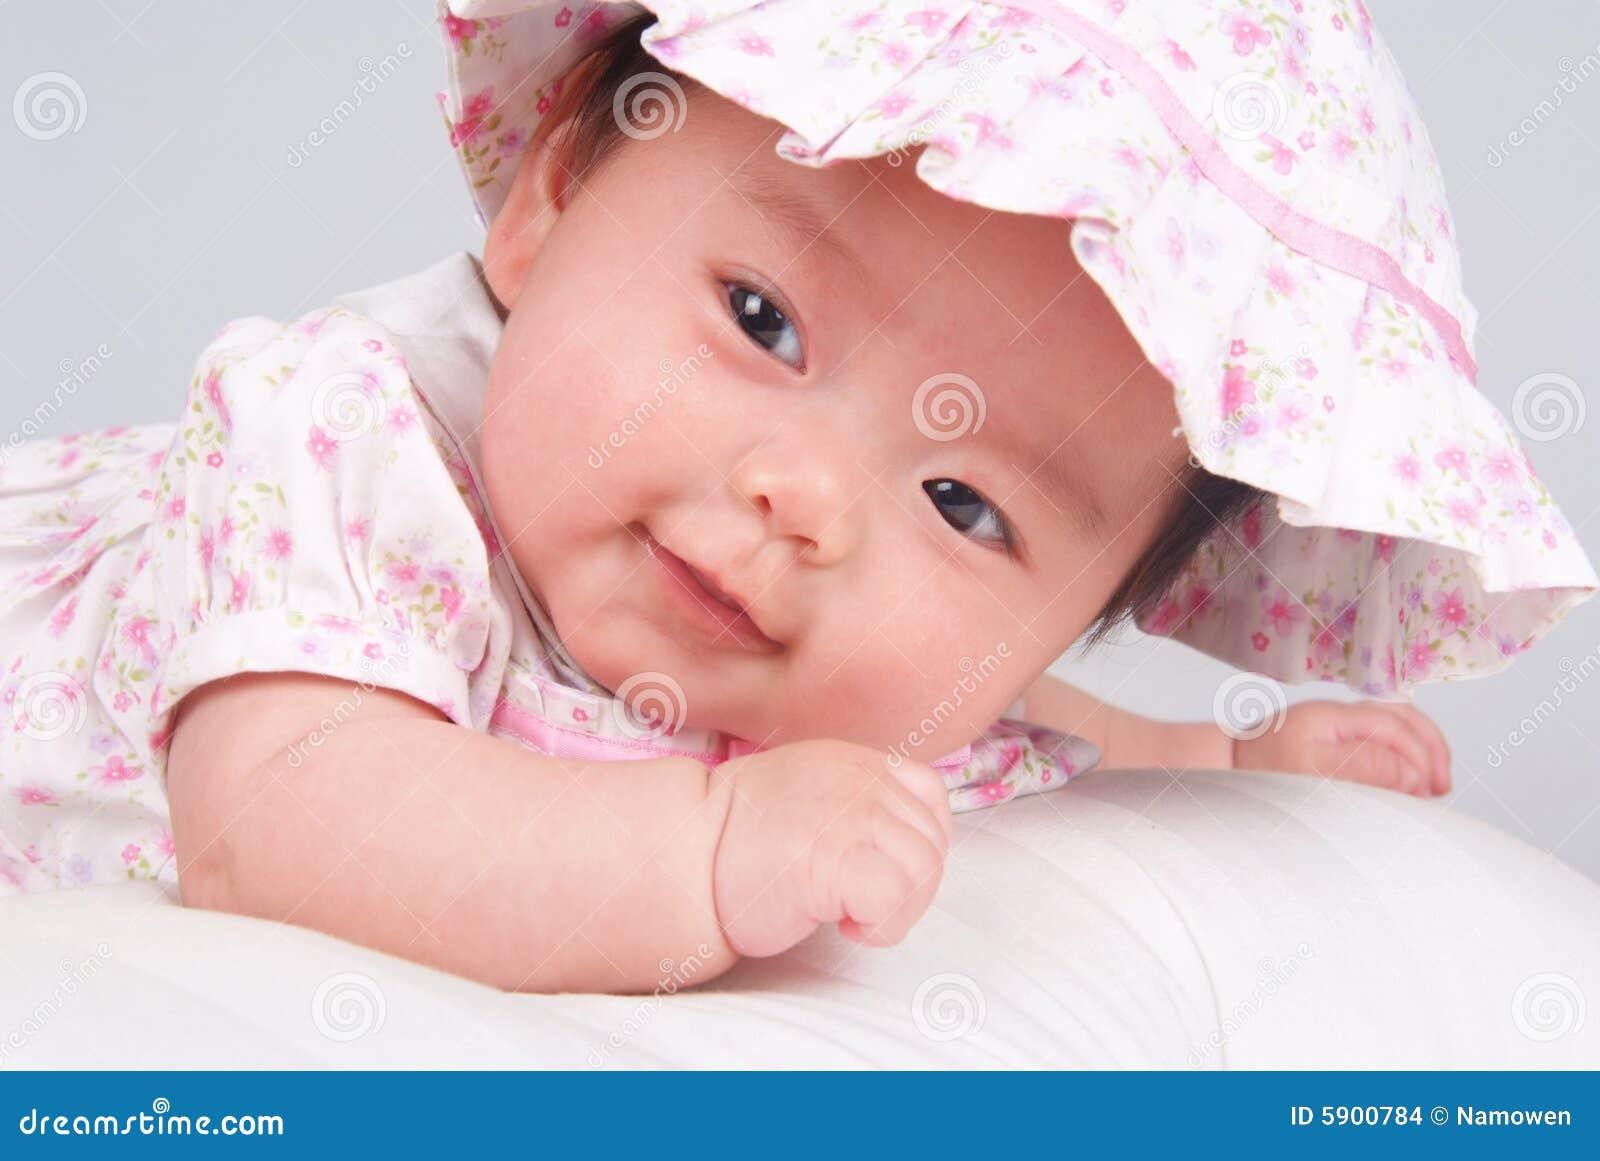 Glimlachende baby